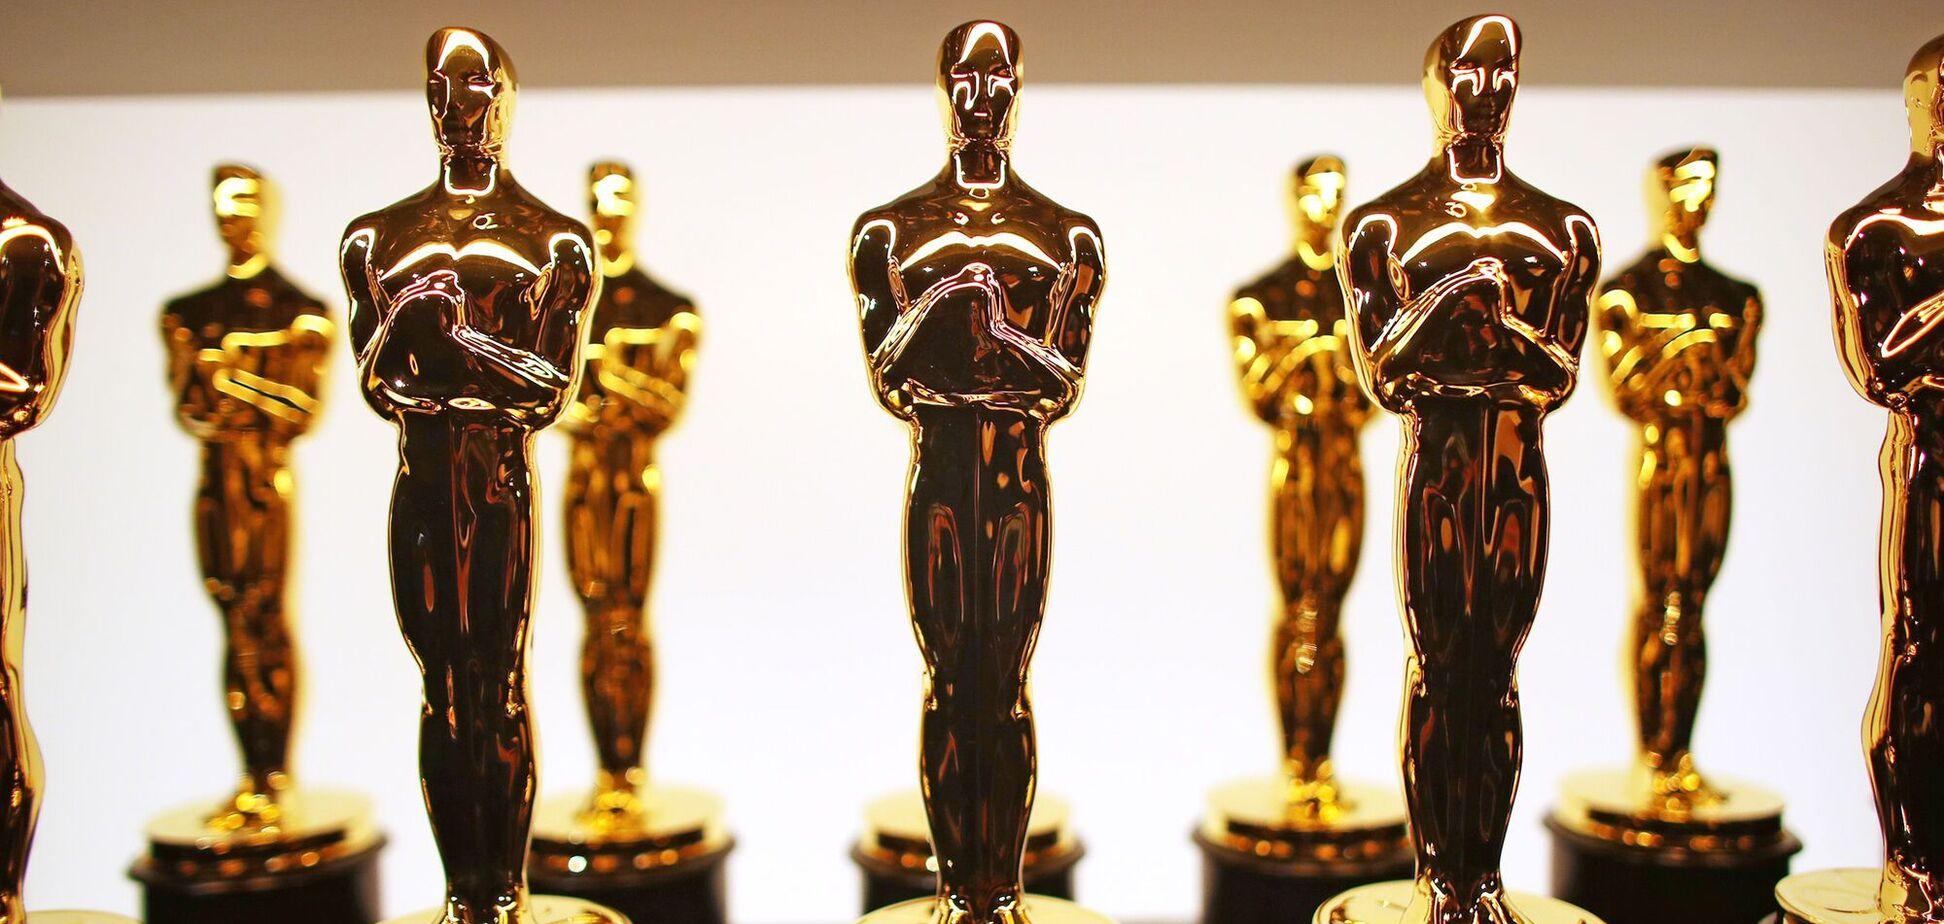 Стала известна судьба церемонии 'Оскар' в 2021 году: обнародованы дата и формат